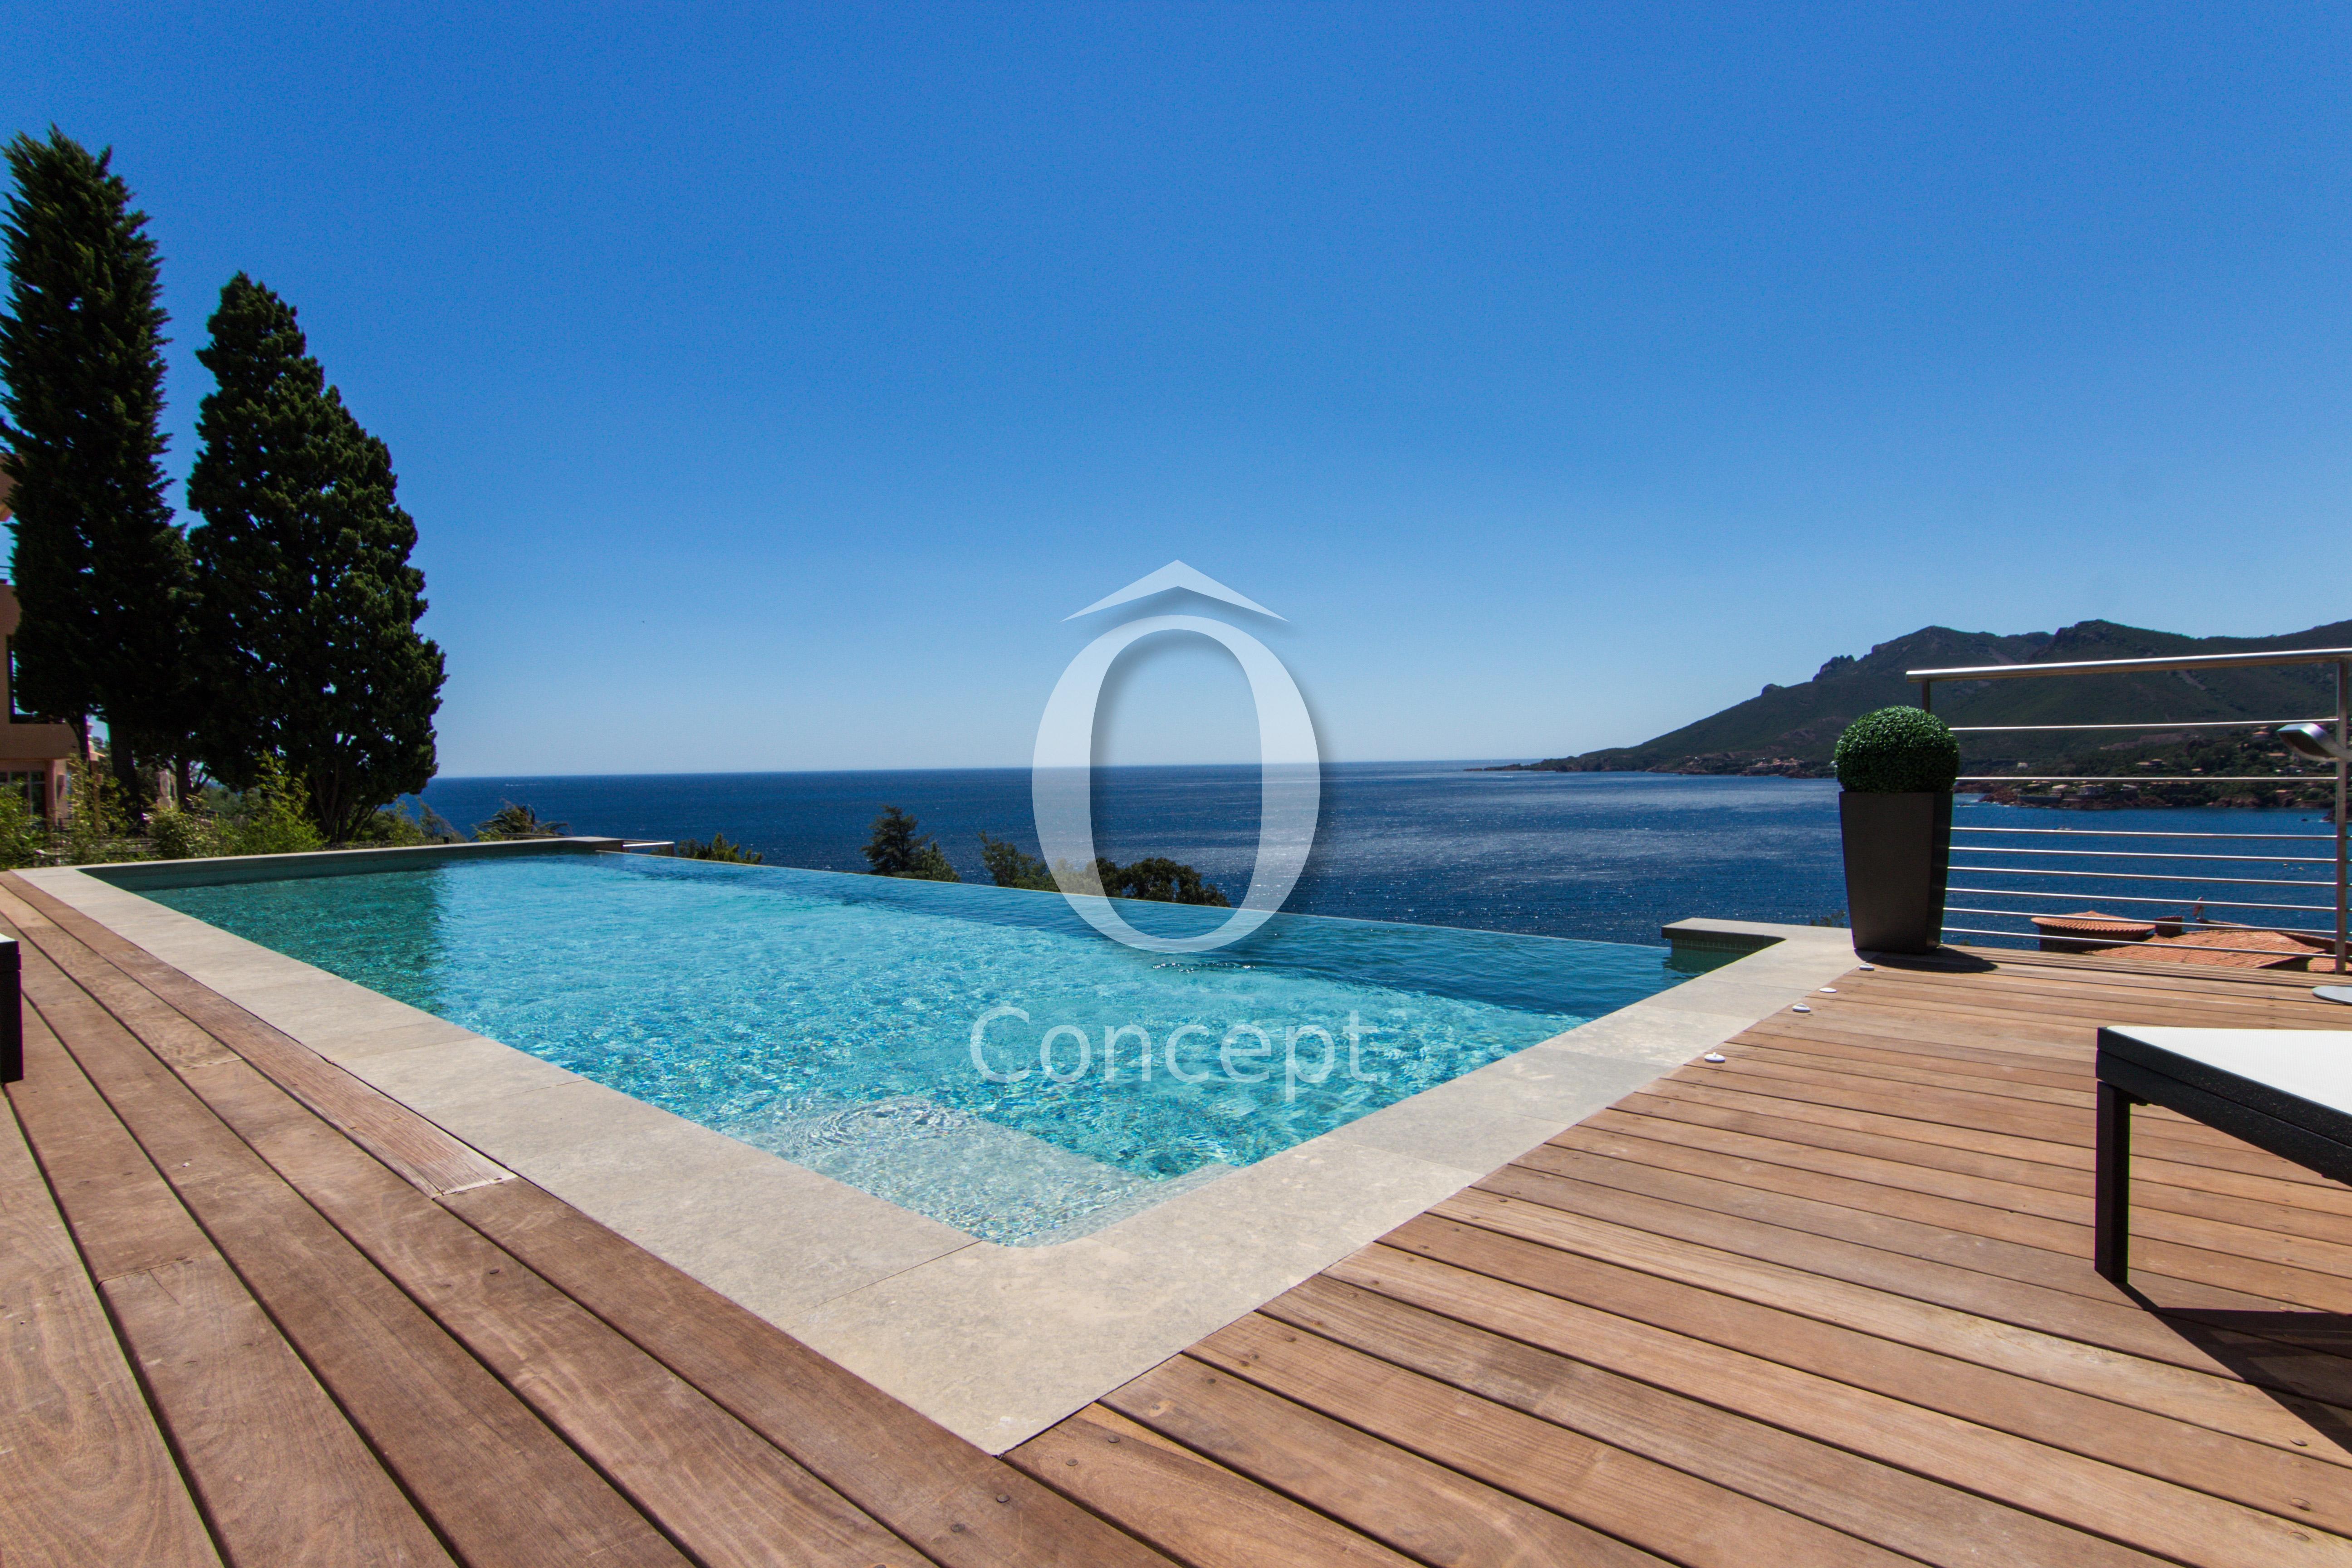 Carrelage piscine pour une eau bleu foncé